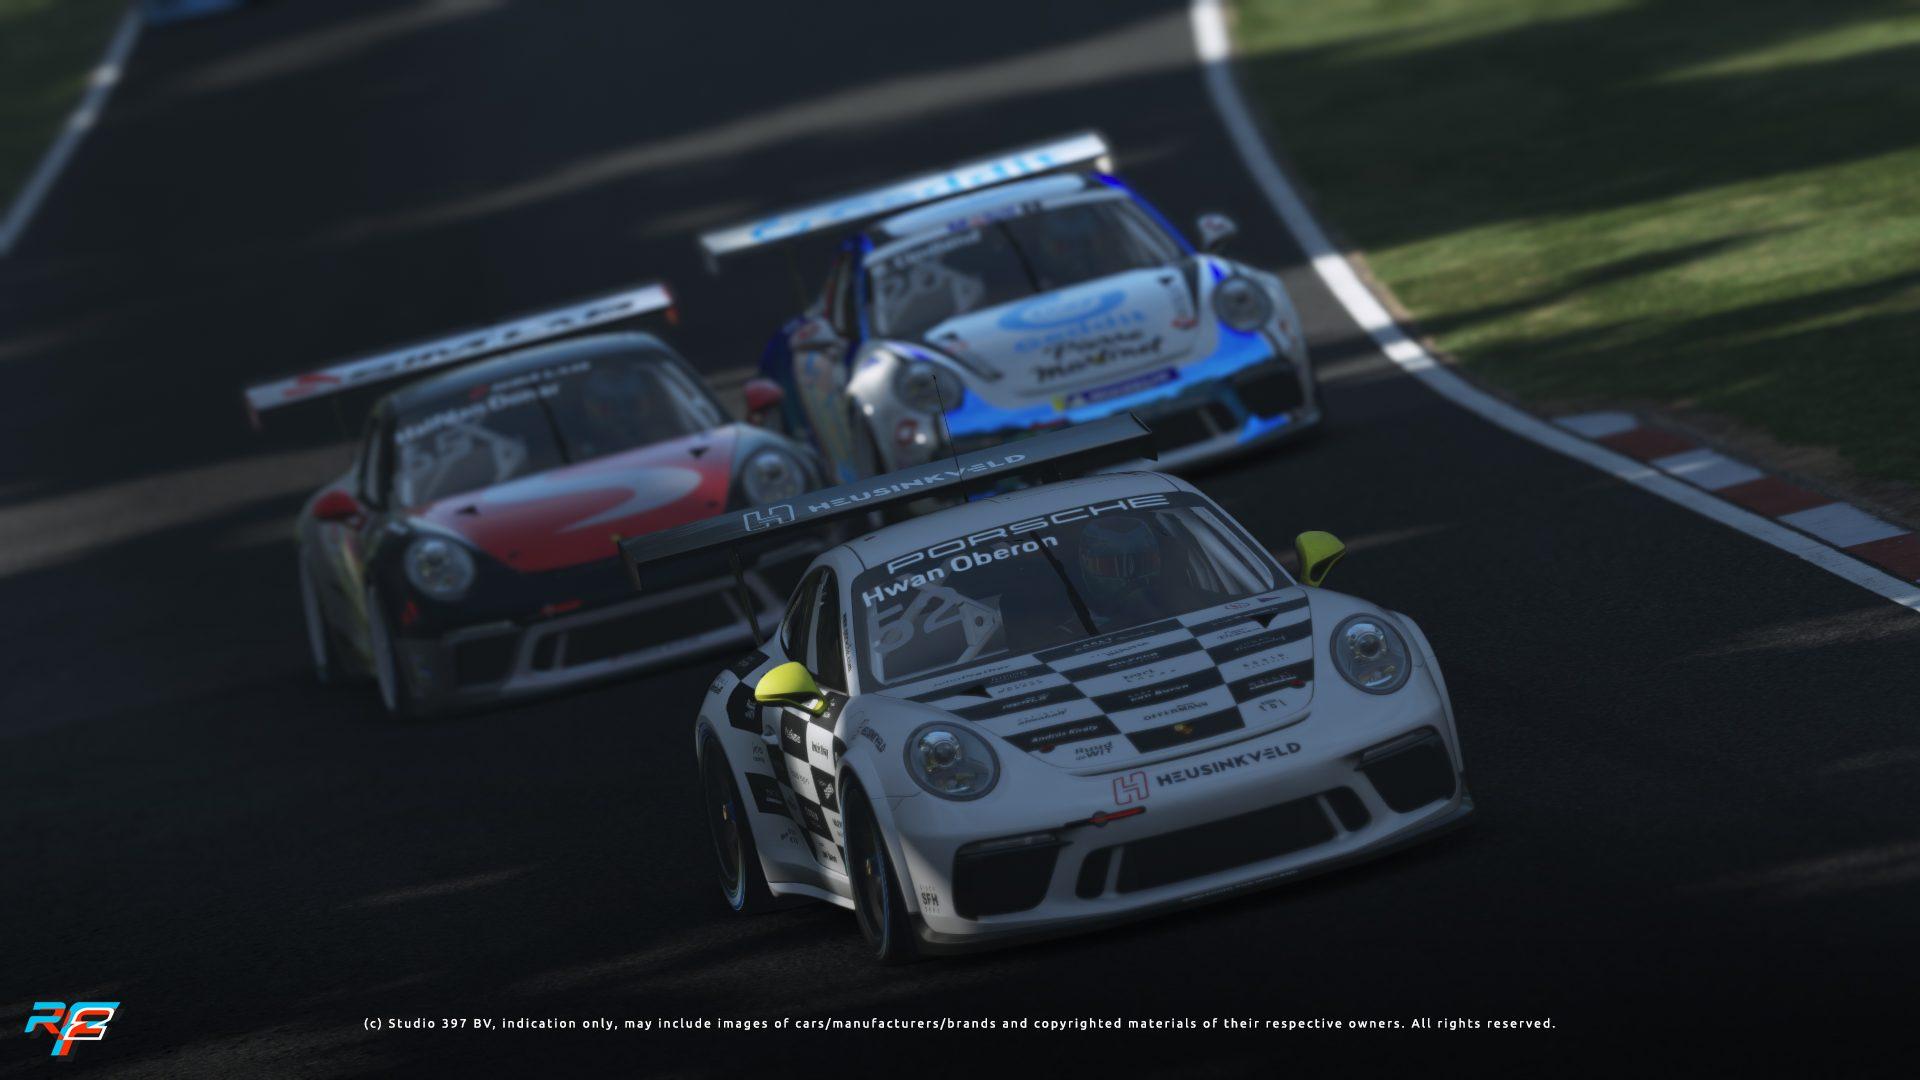 Porsche_911_GT3_Cup_screenshot_06_brande